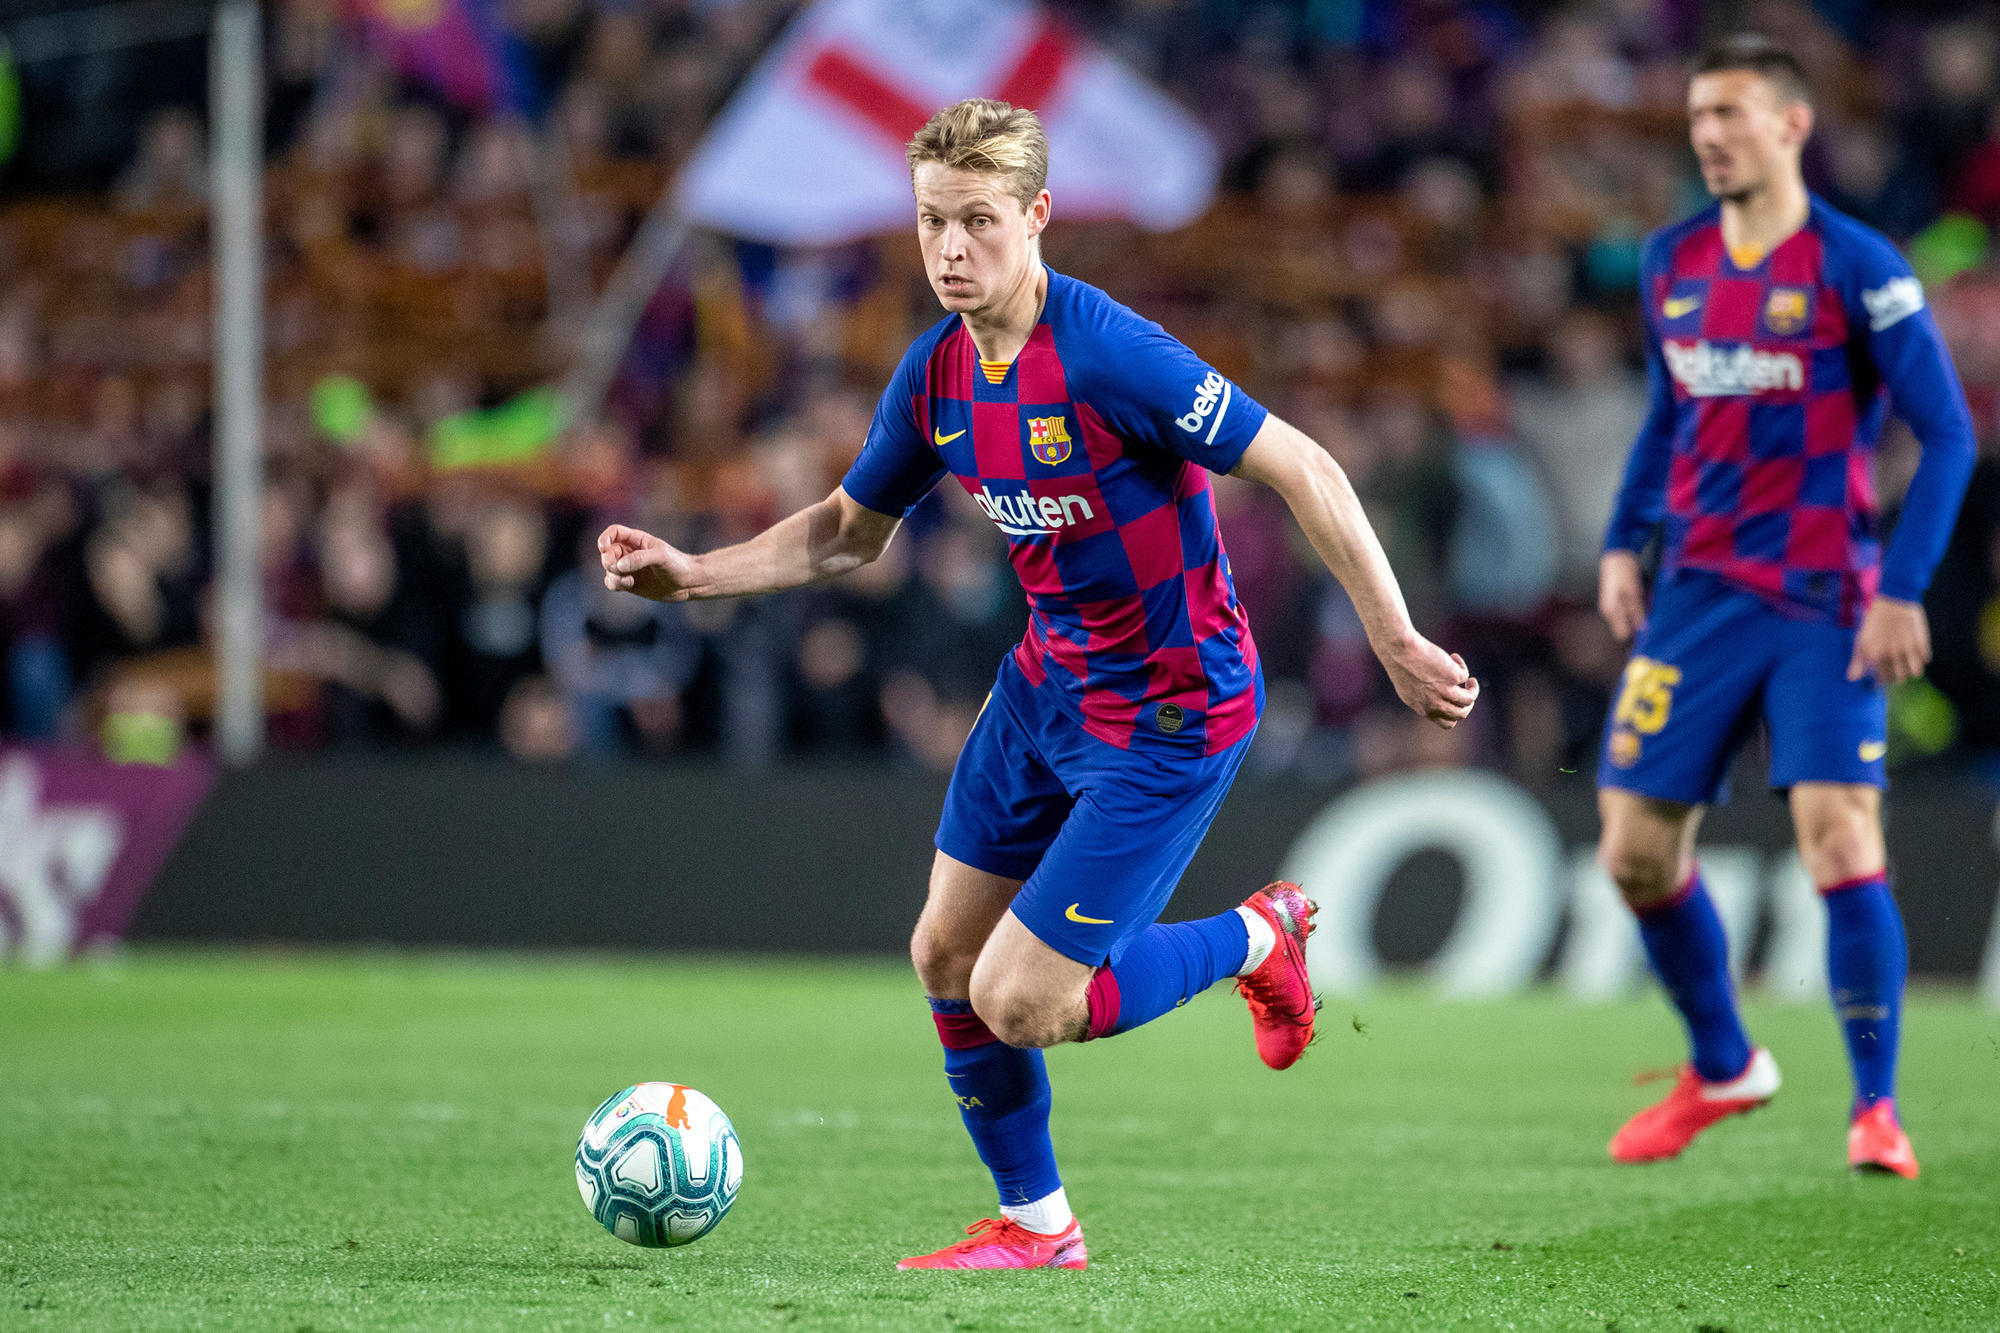 Frenkie de Jong heeft zich nog niet helemaal kunnen tonen bij Barcelona, maar volgend seizoen zal dat zeker wel komen, GETTY